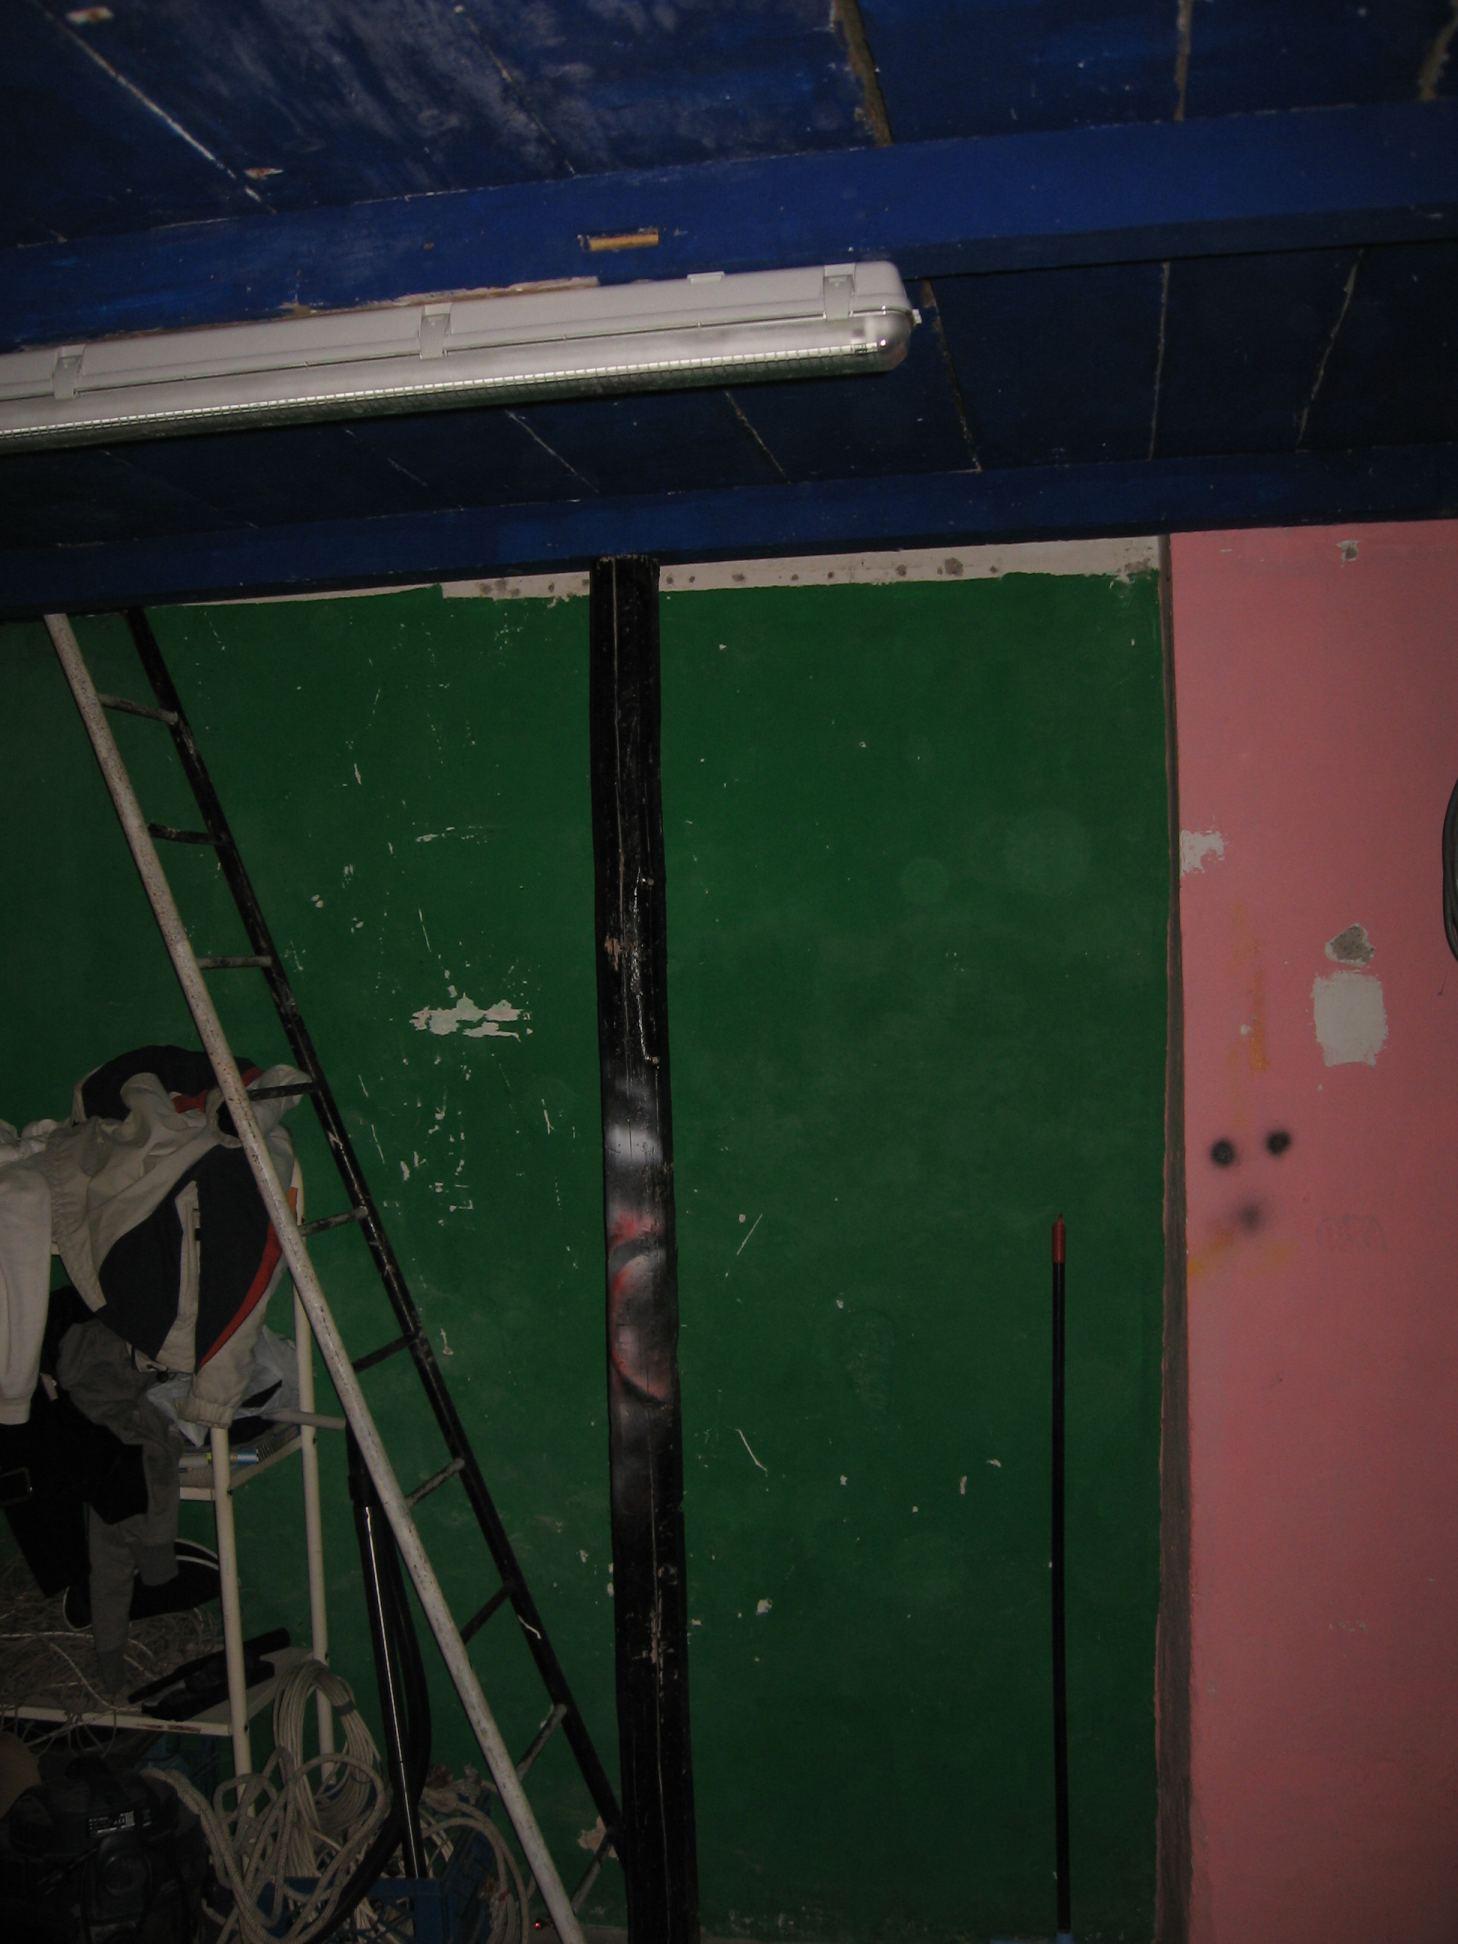 Pentolaccia-2010-02-14--16.04.48